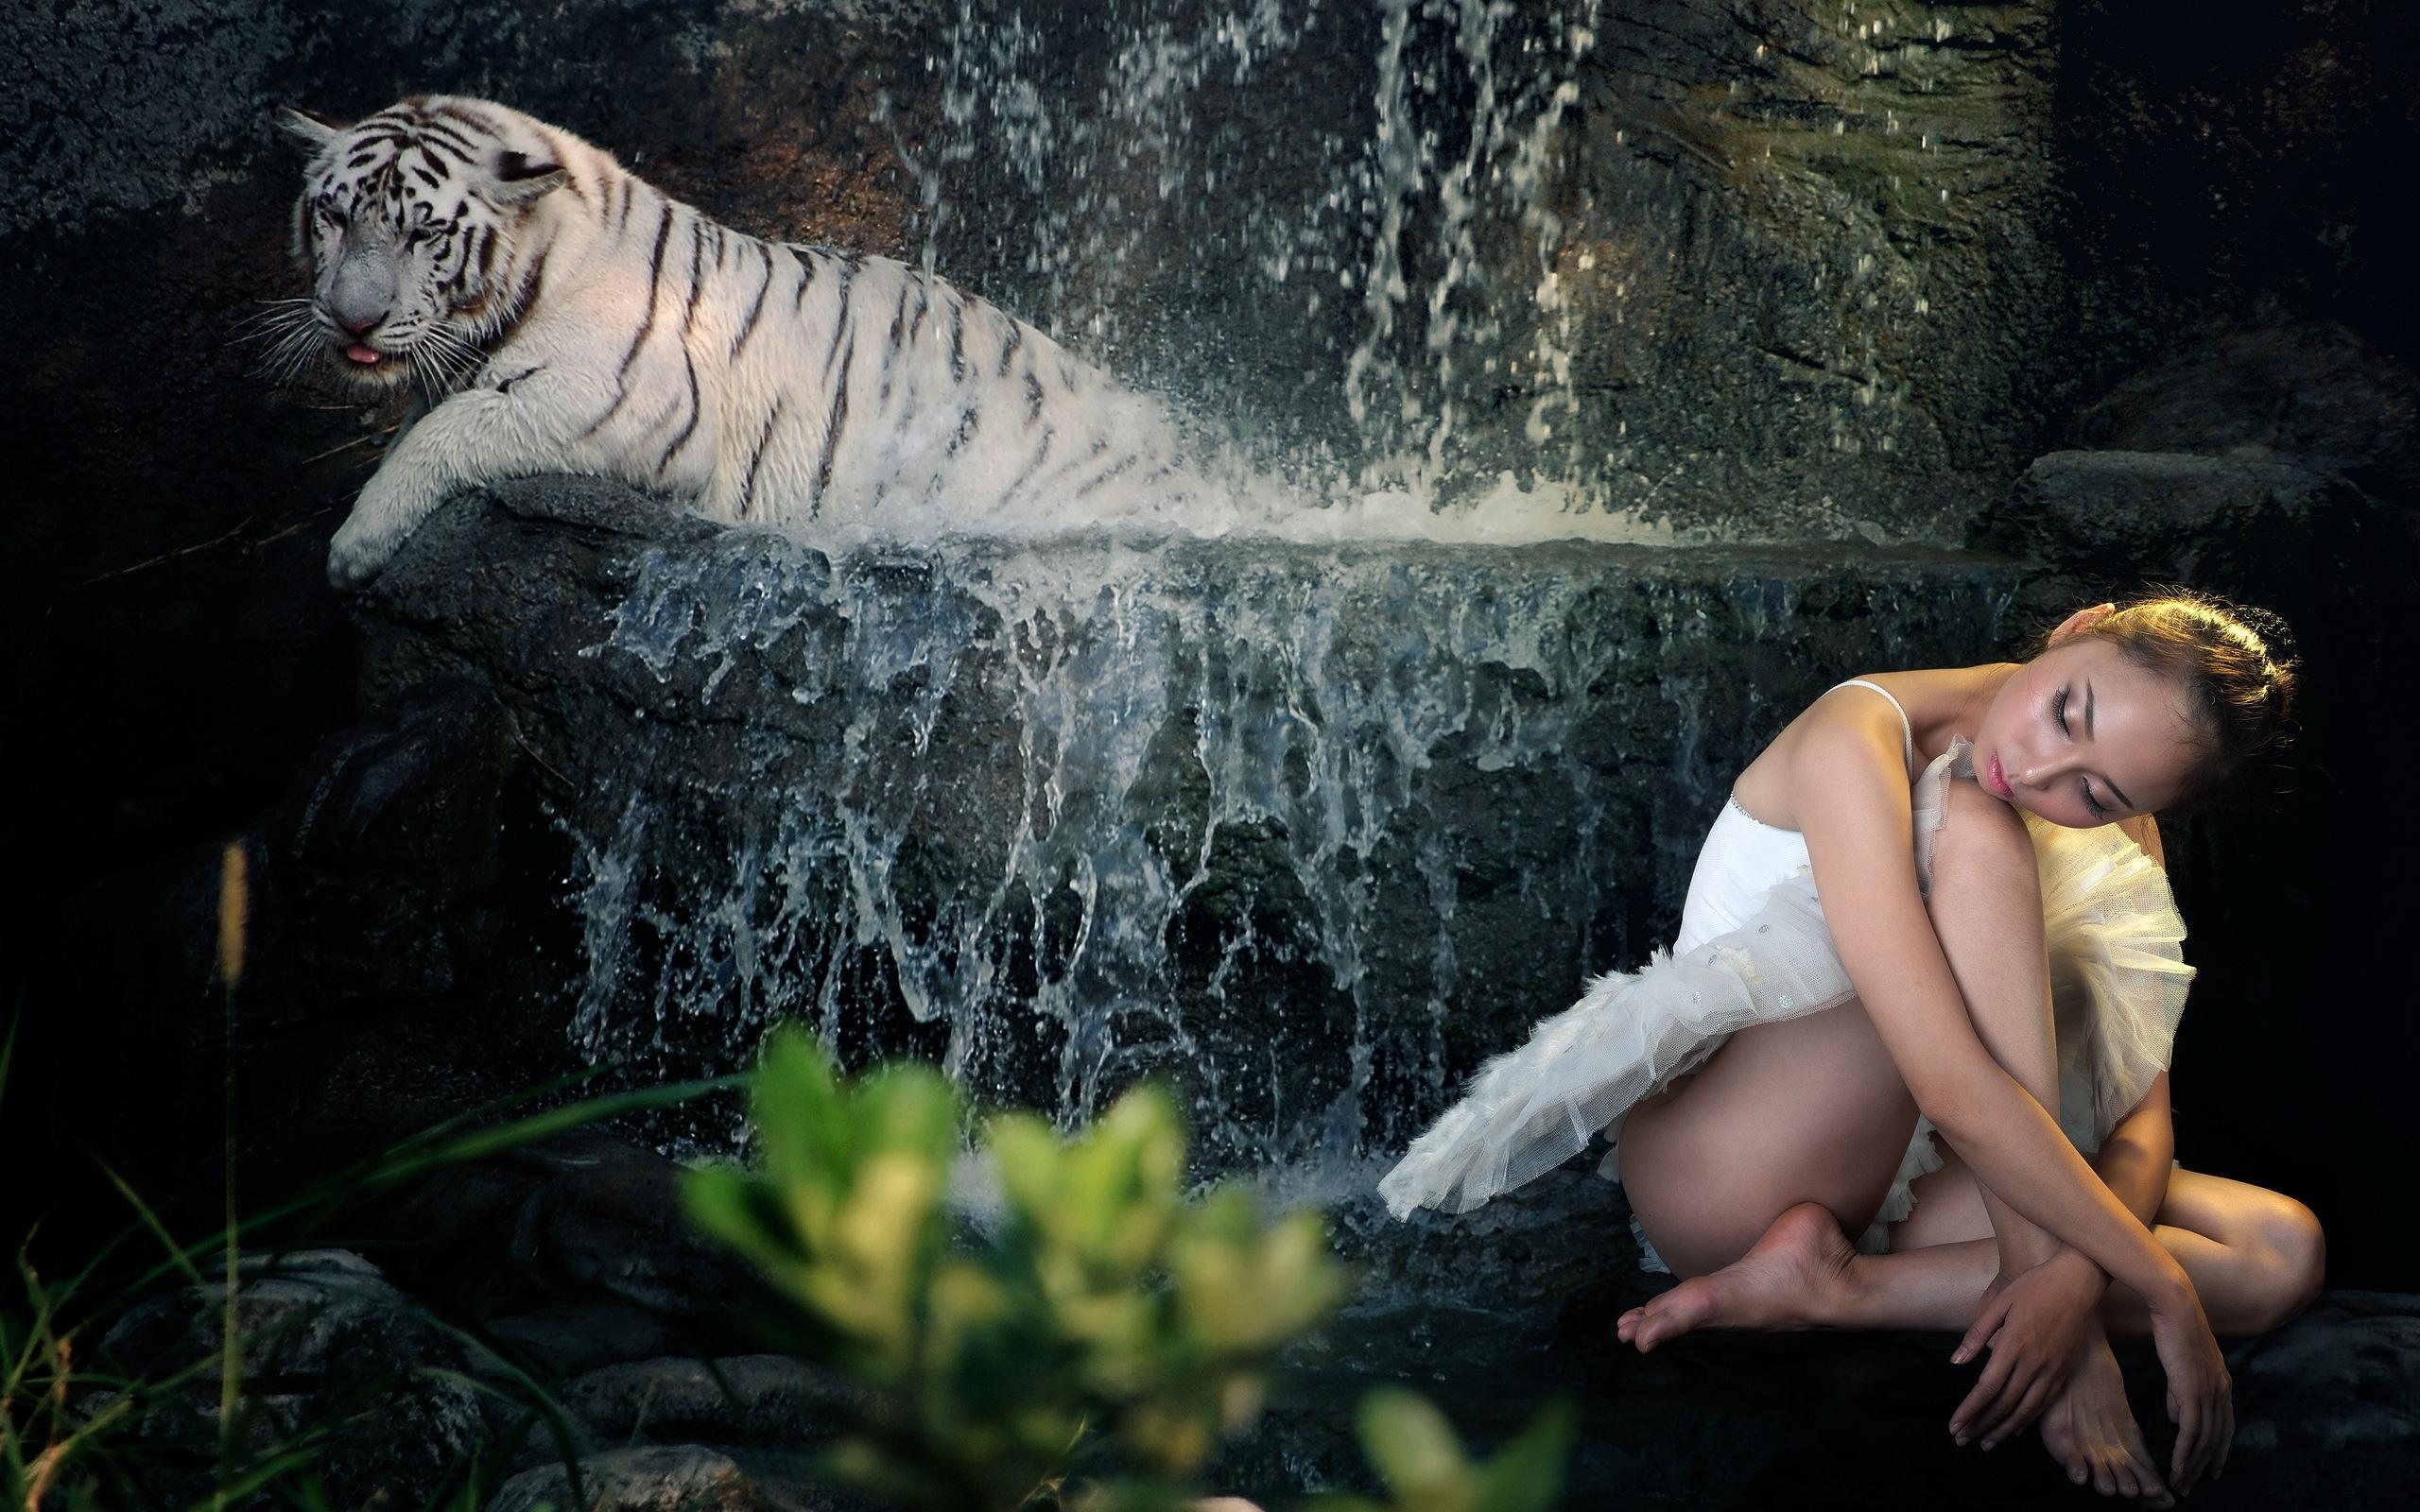 животные девушка тигр фэнтези бесплатно